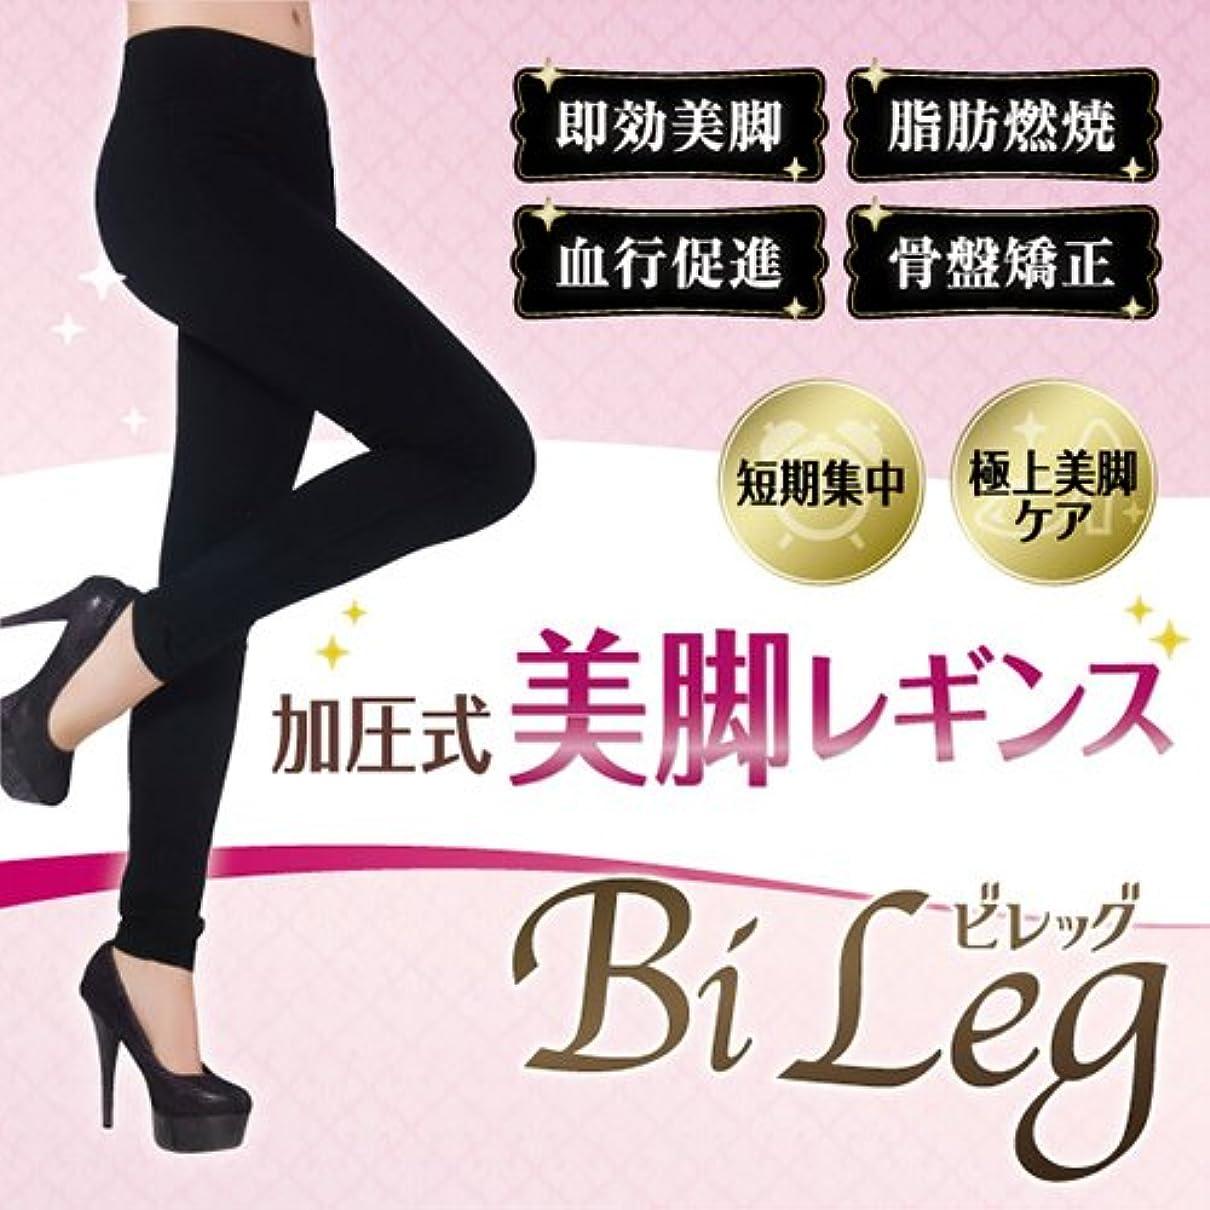 予約一生フライト【単品】Bi Leg-ビレッグ-